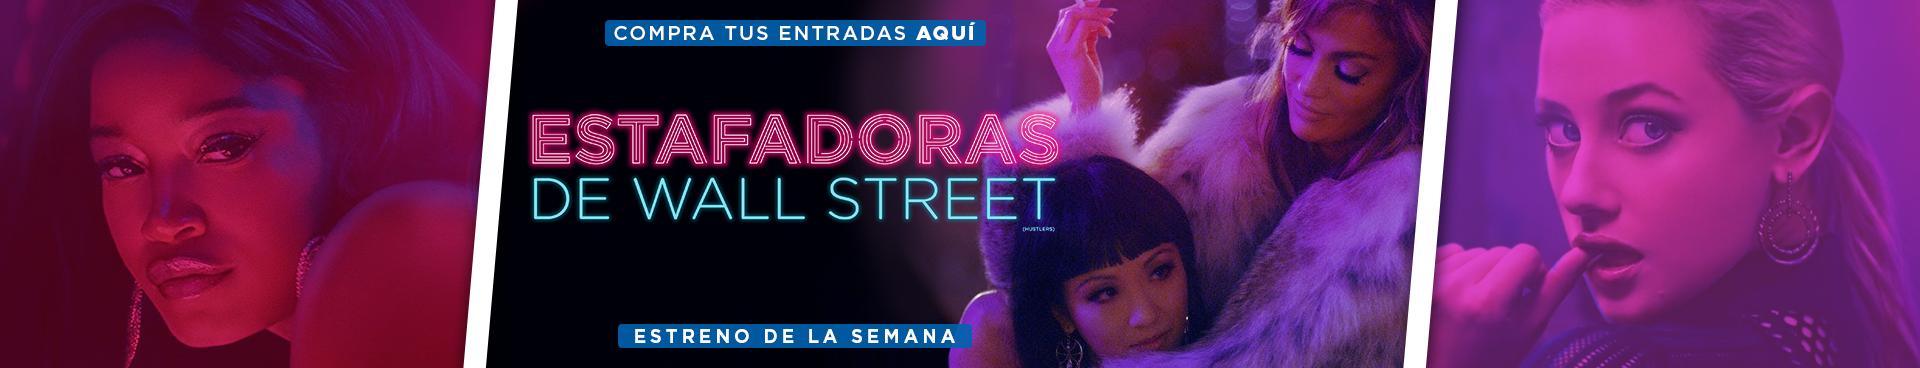 ESTRENO: ESTAFADORAS DE WALL STREET, COMPRA AQUÍ TUS ENTRADAS